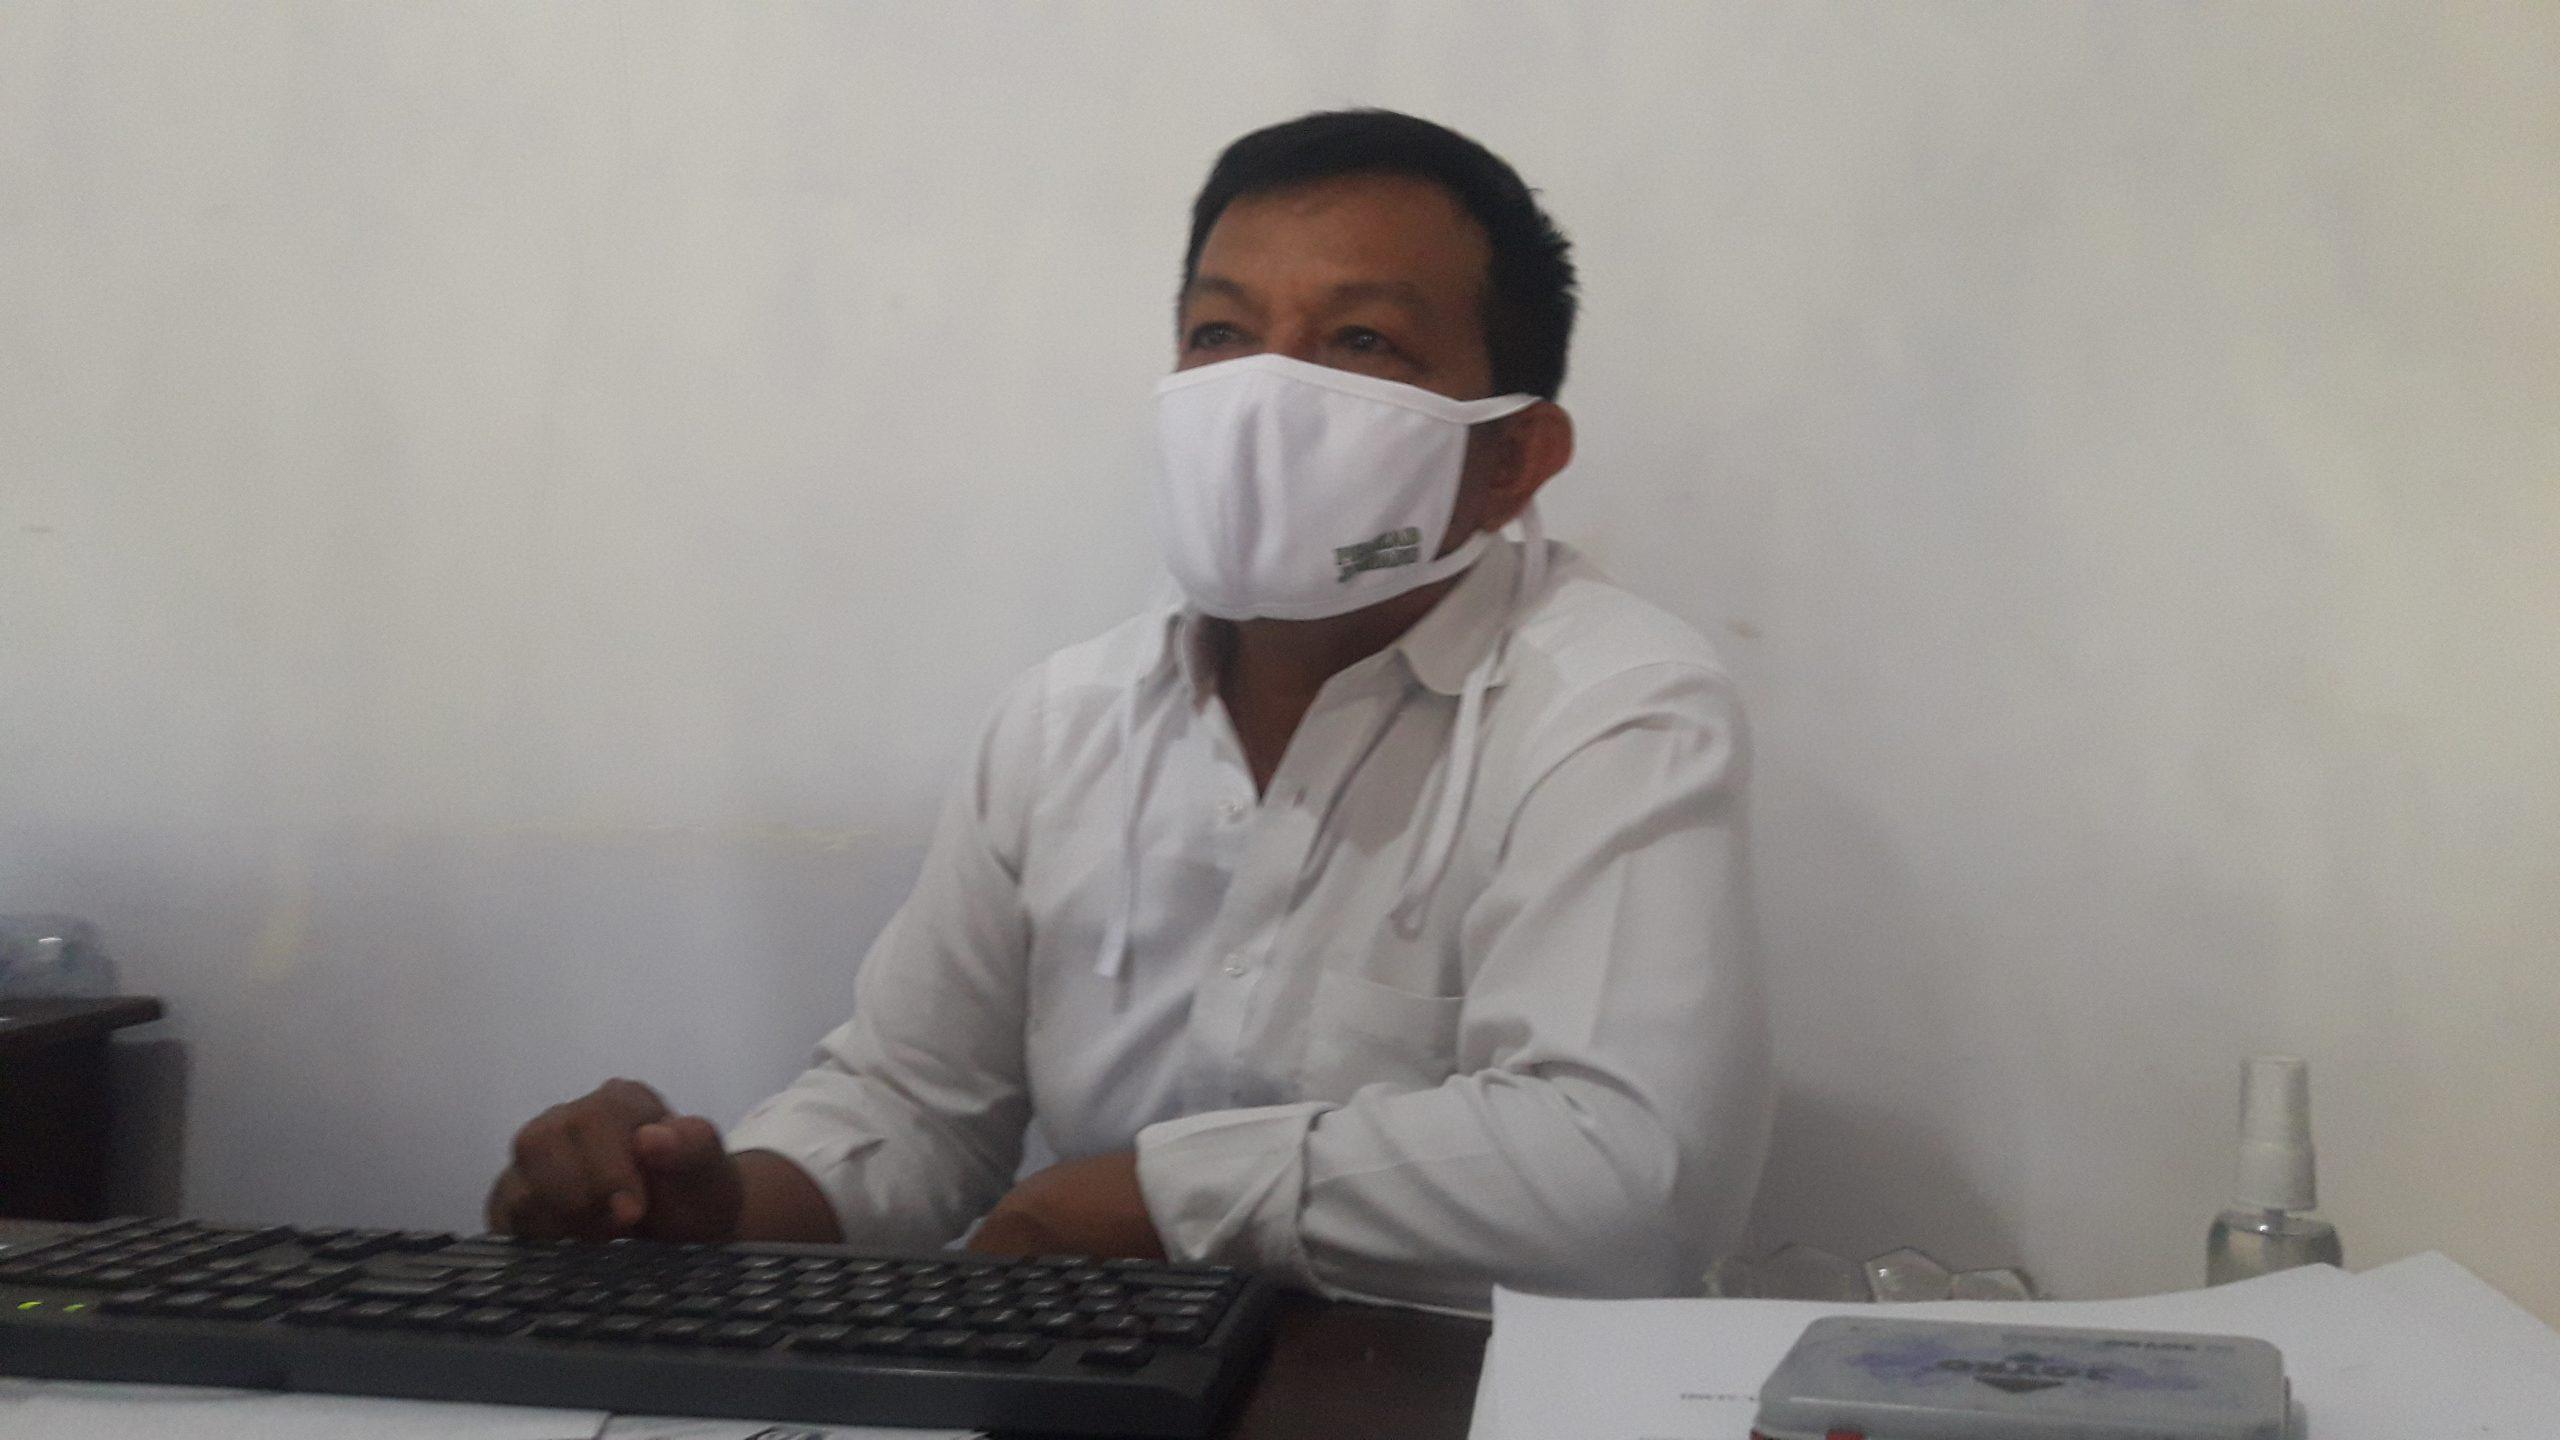 Fraksi PPP DPRD Jombang Minta Pemilik Bangunan Toko Modern Disanksi Tegas